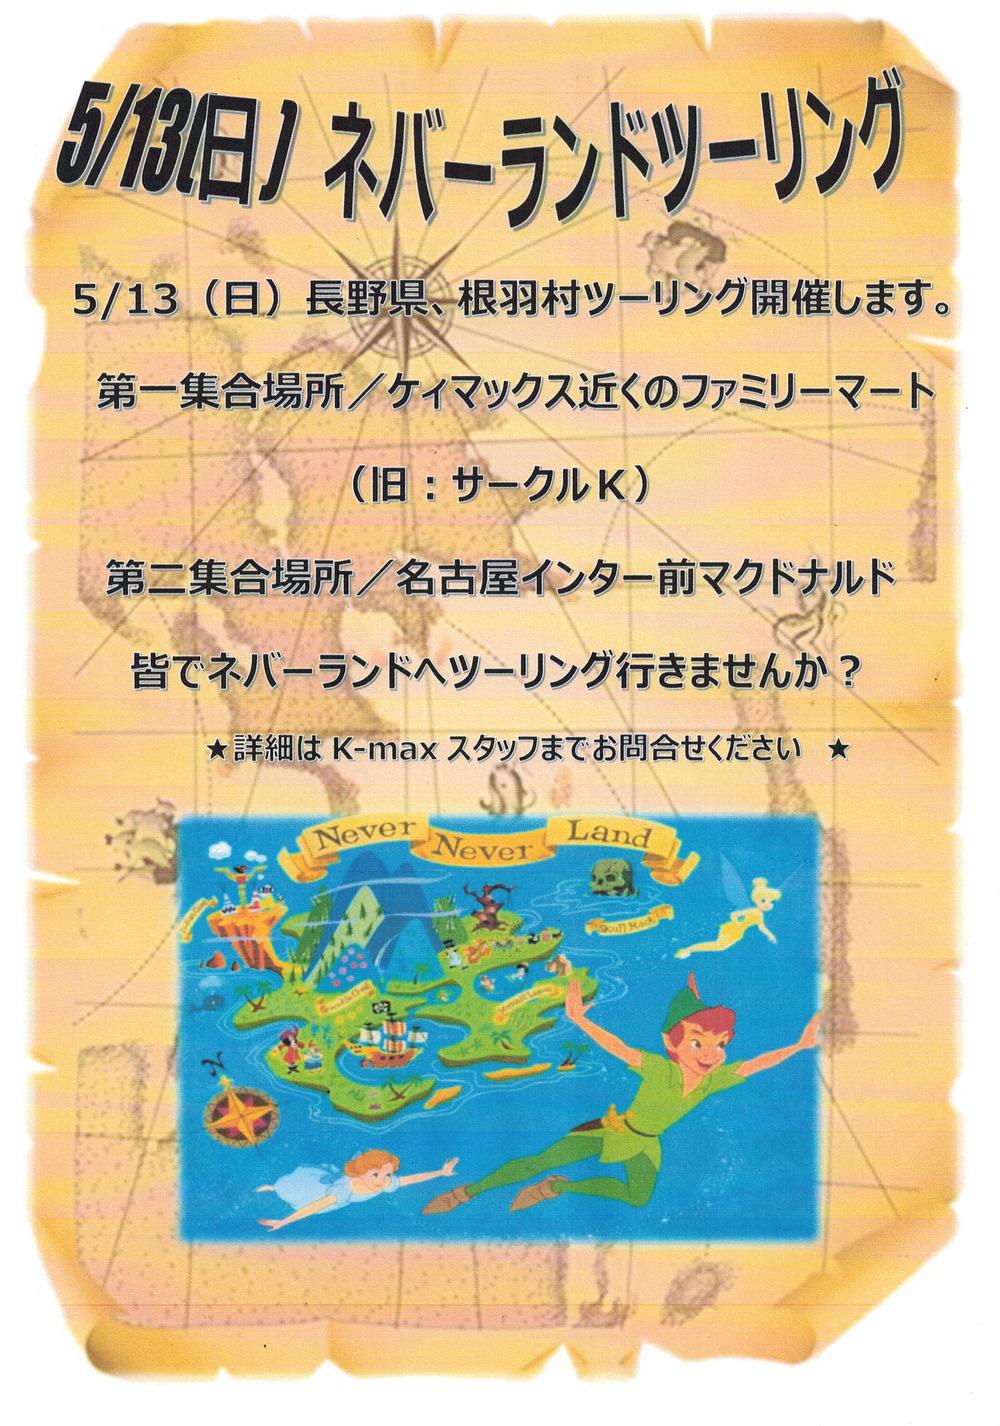 根羽村ツーリングpop20180417